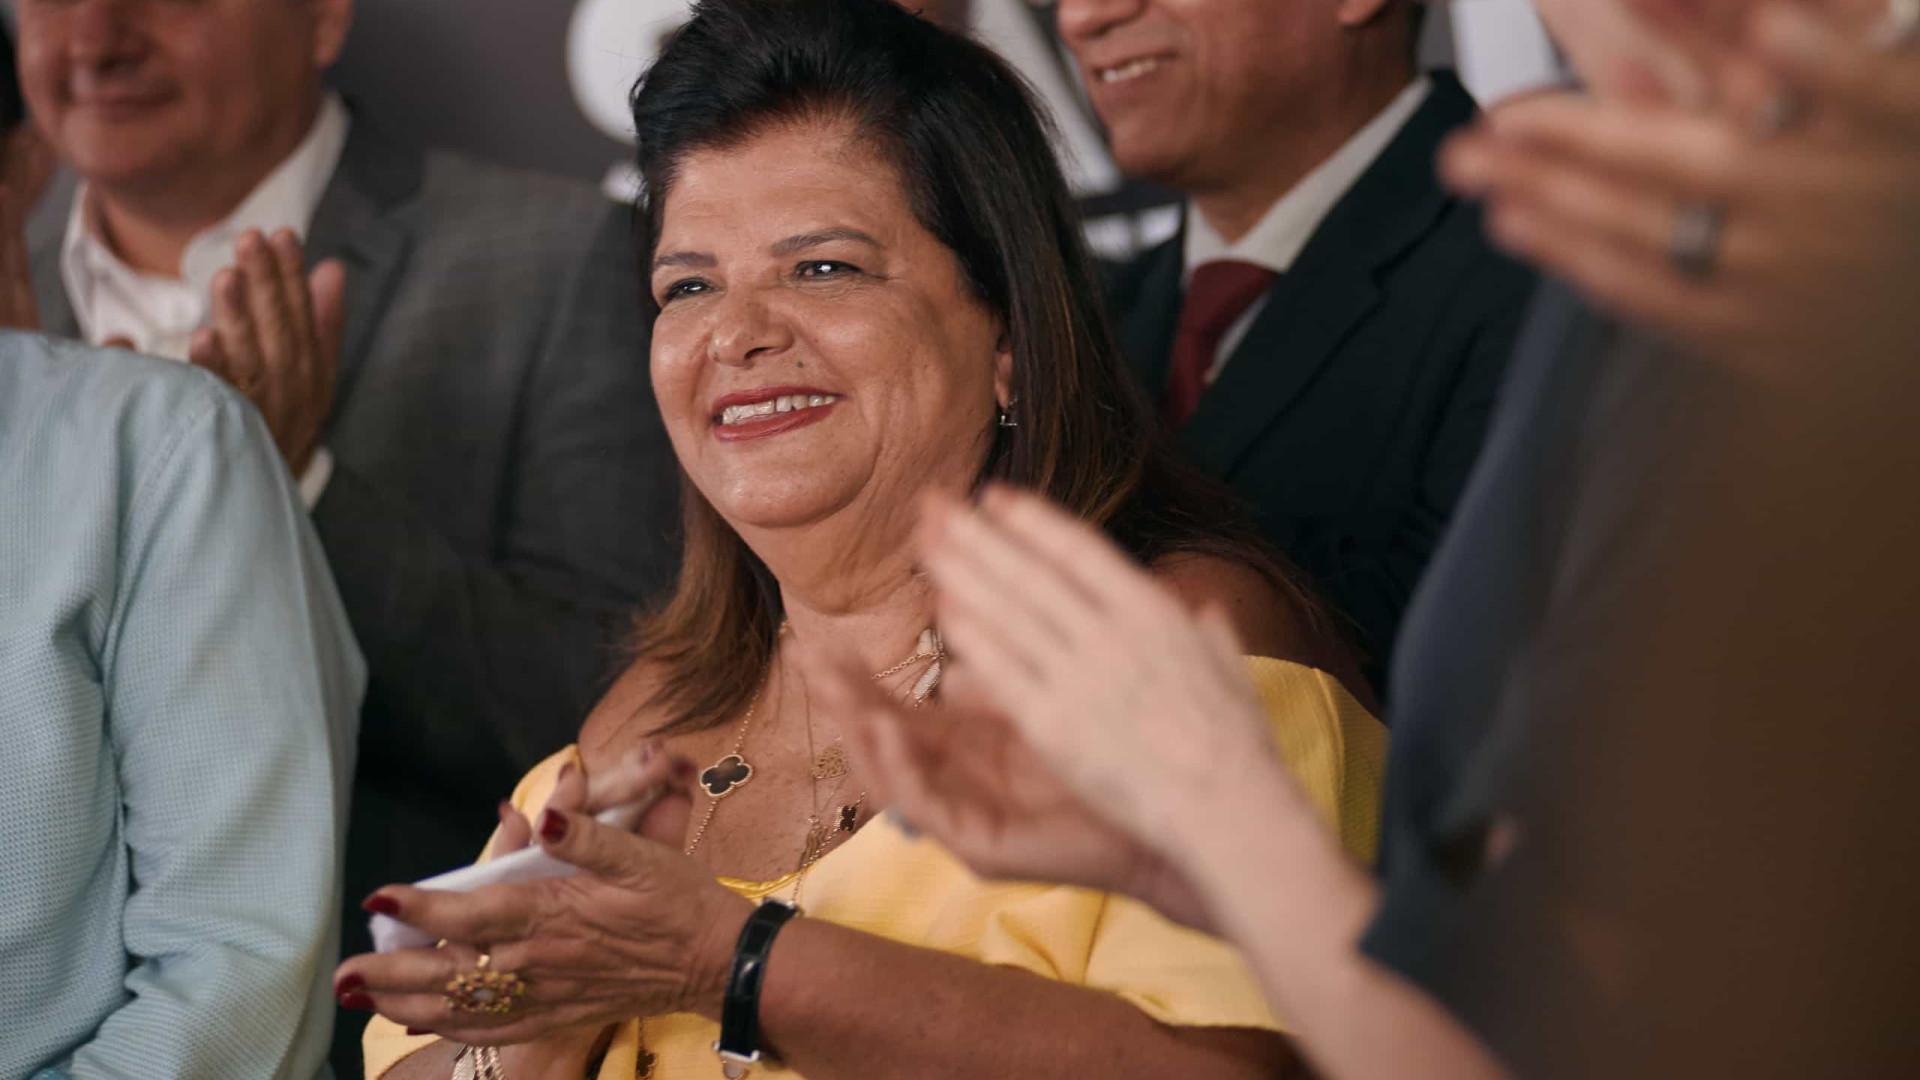 Com texto de Lula, Luiza Trajano entra na lista da Time de pessoas mais influentes